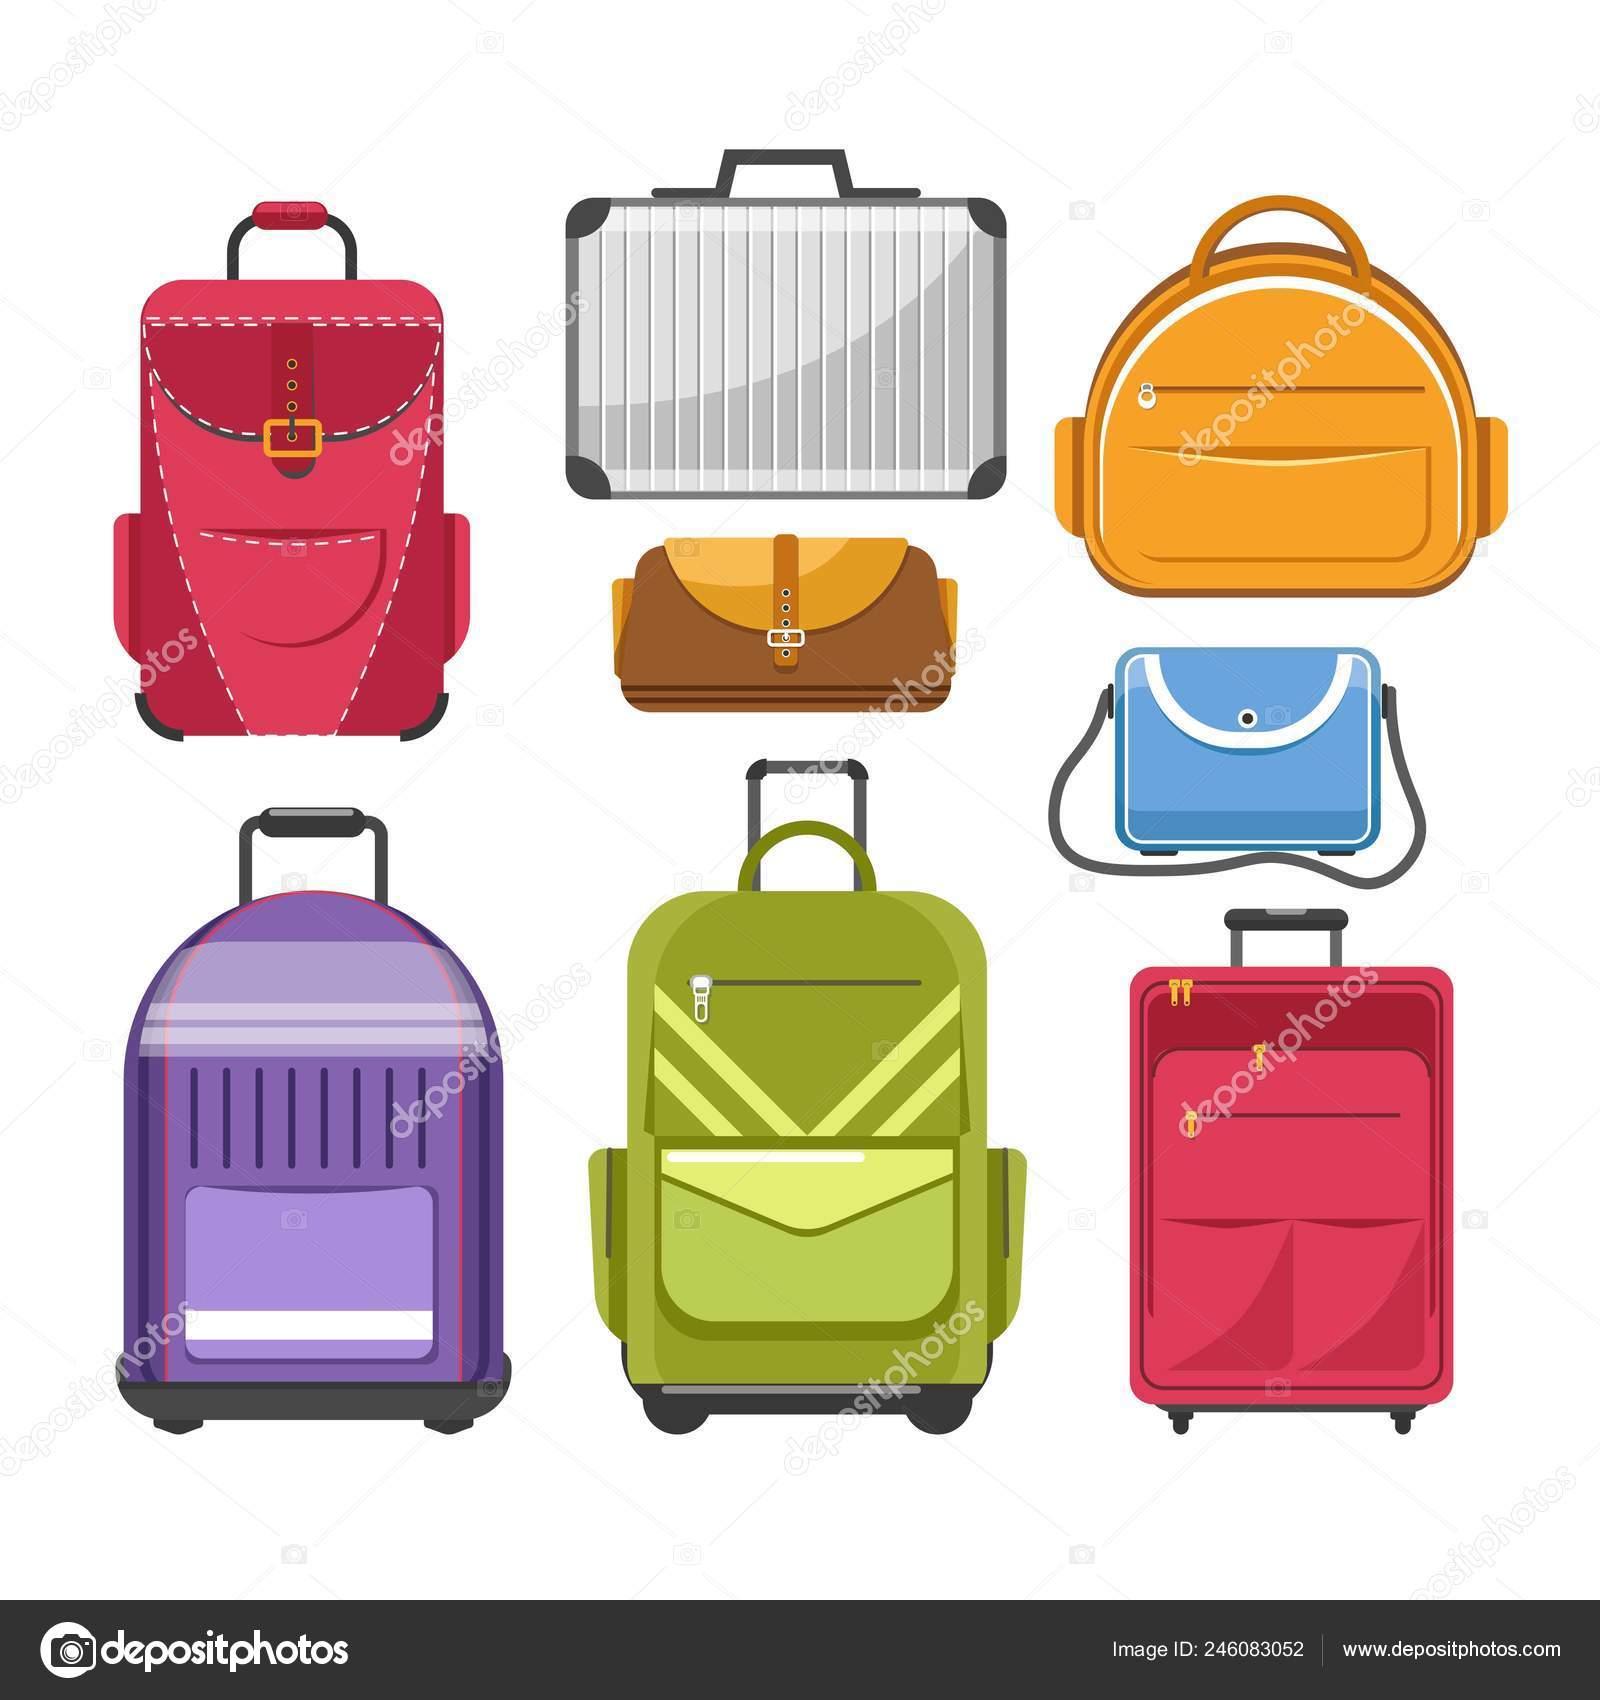 bea47d3b5428f Verschiedene Taschen Geben Modelle Der Reisetasche Handtasche Oder Rucksack  Und — Stockvektor